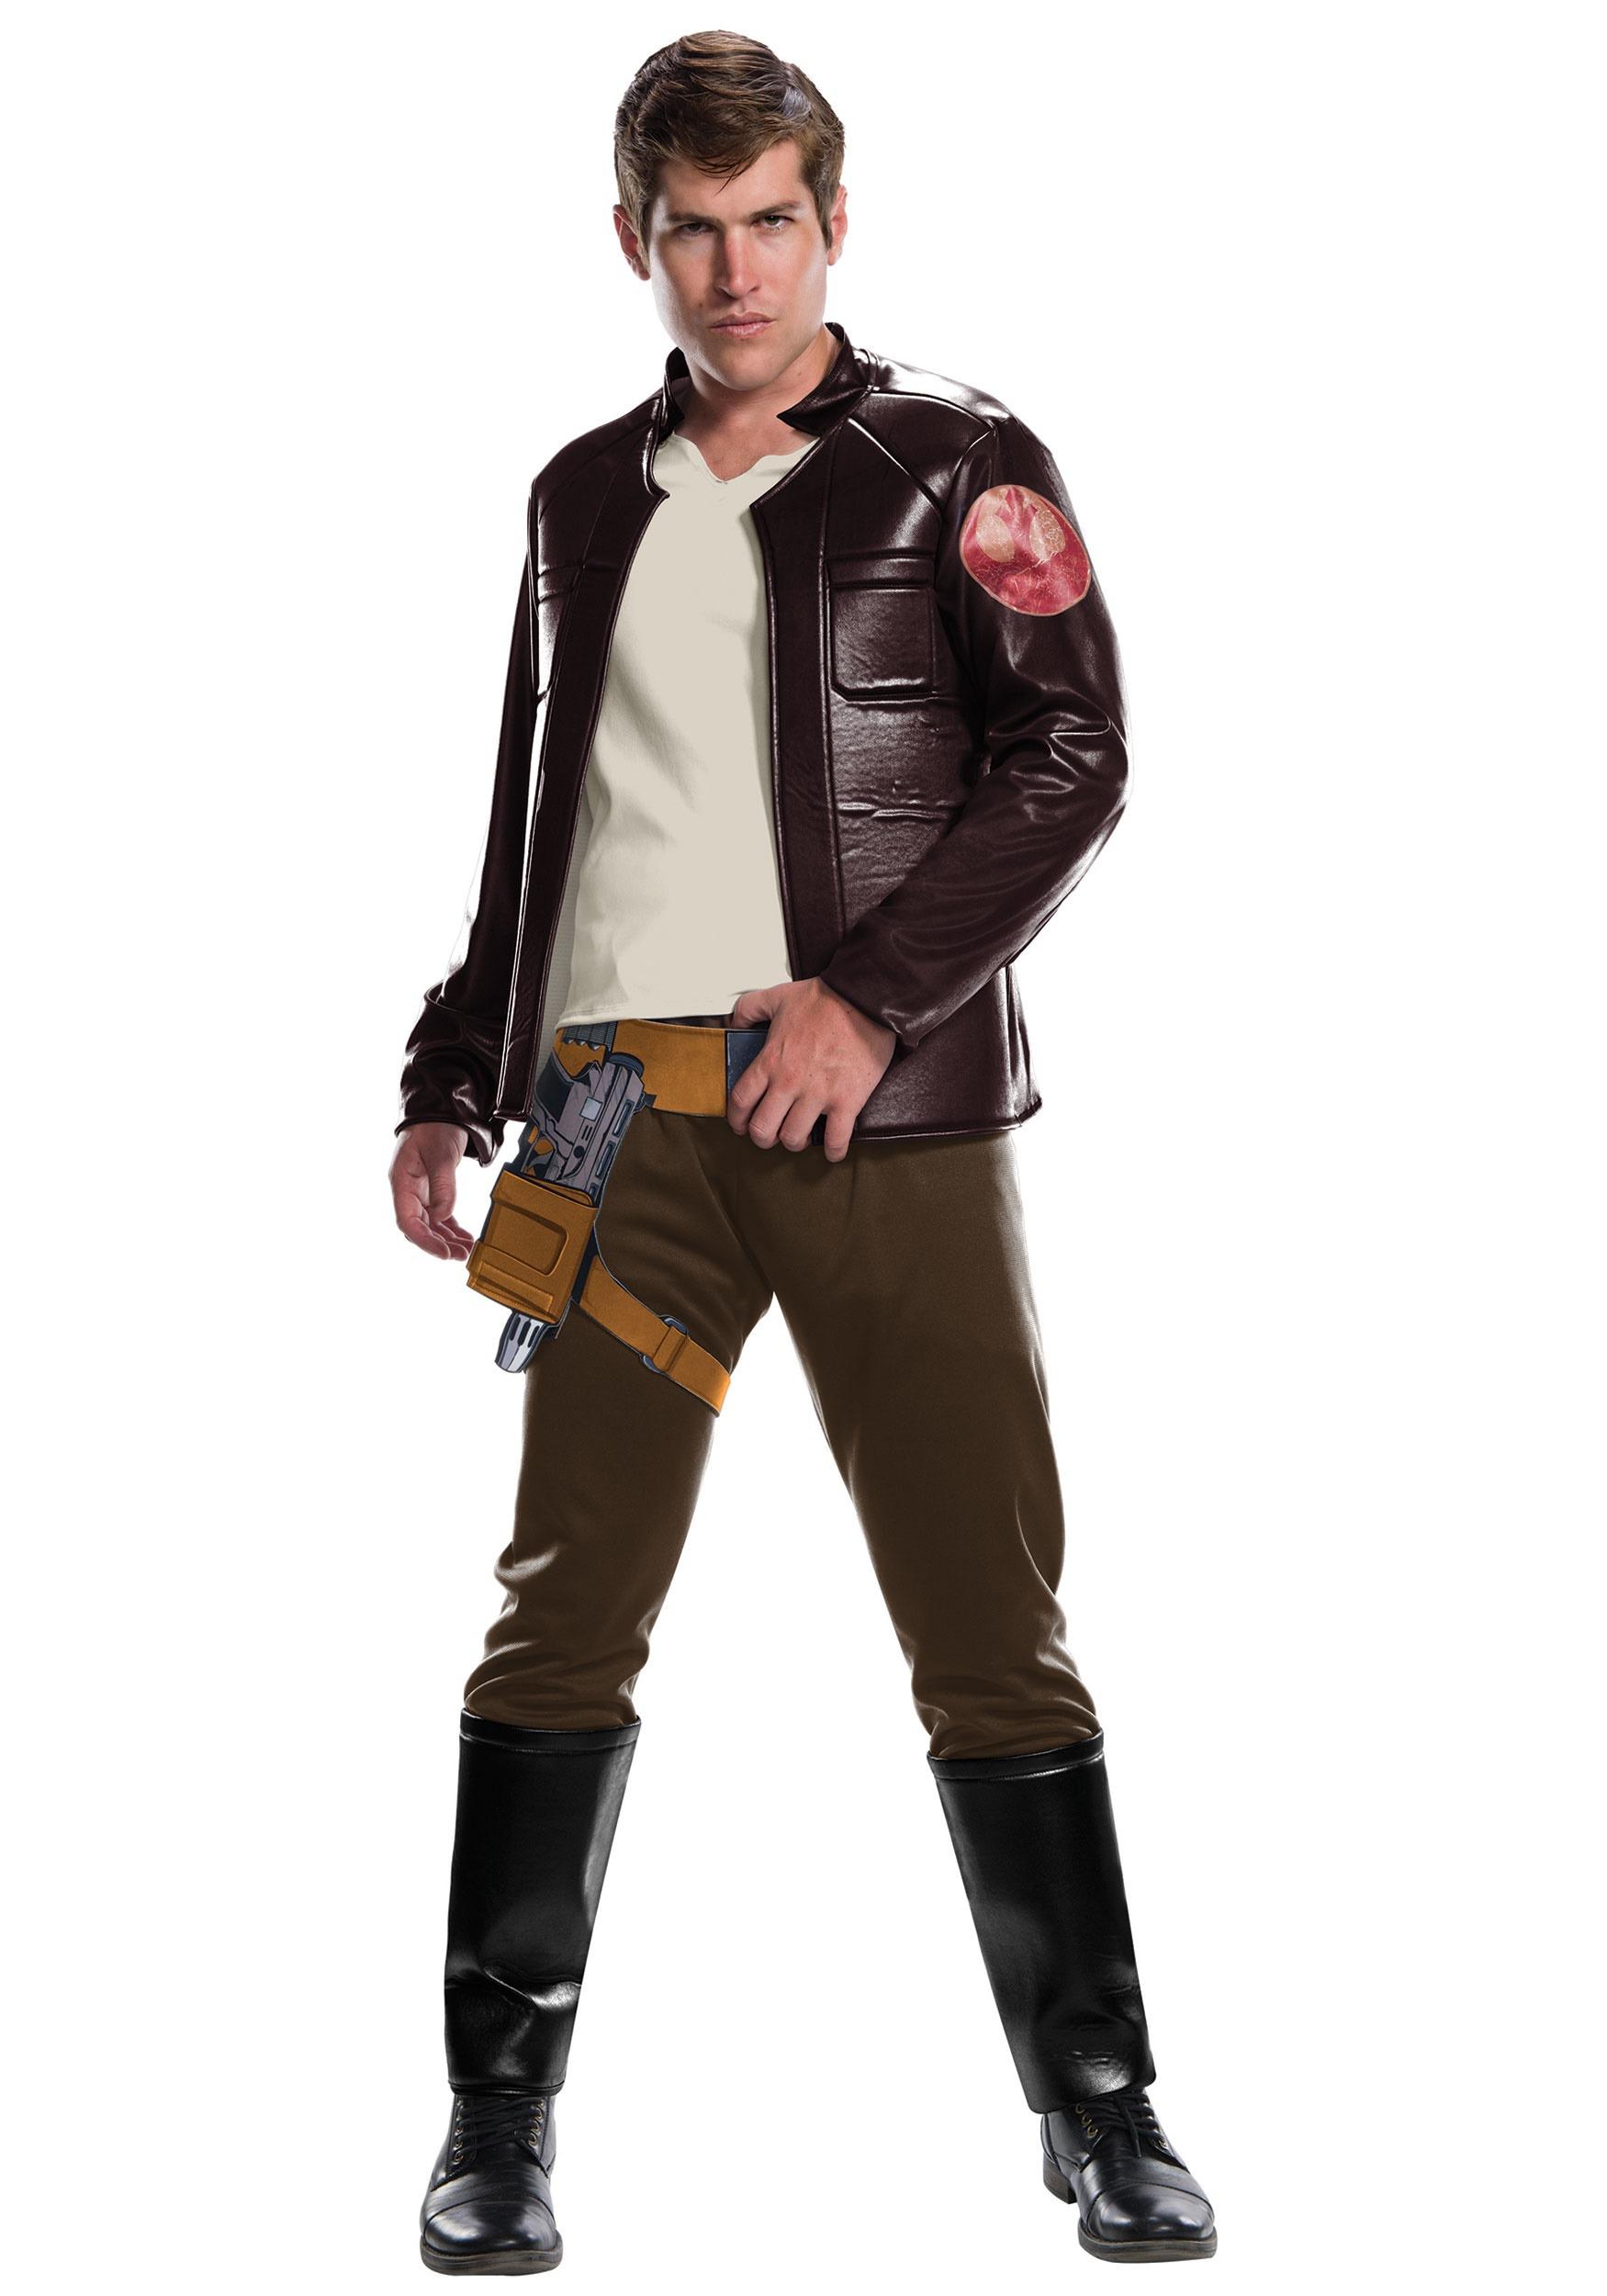 Star Wars The Last Jedi Deluxe Poe Dameron Costume for Men